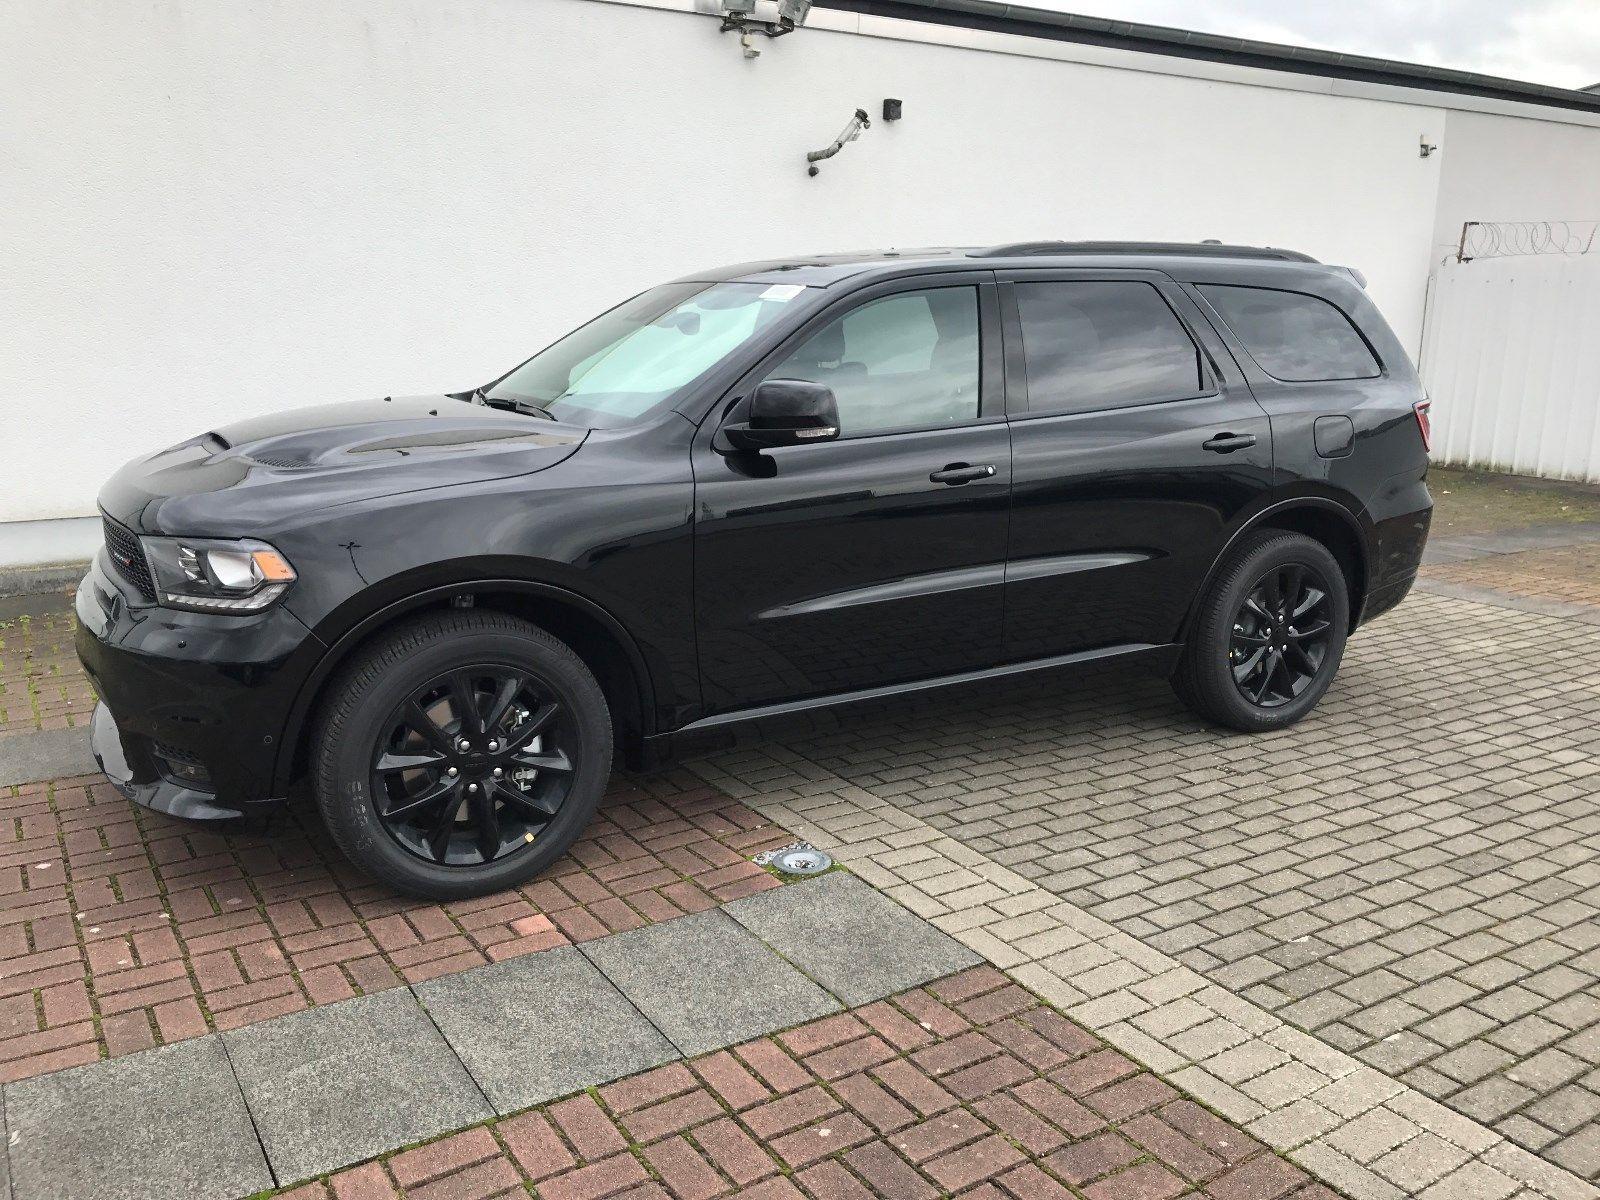 Mehr Pferde Geht Fast Nicht Dodge 2018 Durango R T Awd Black Top Facelift